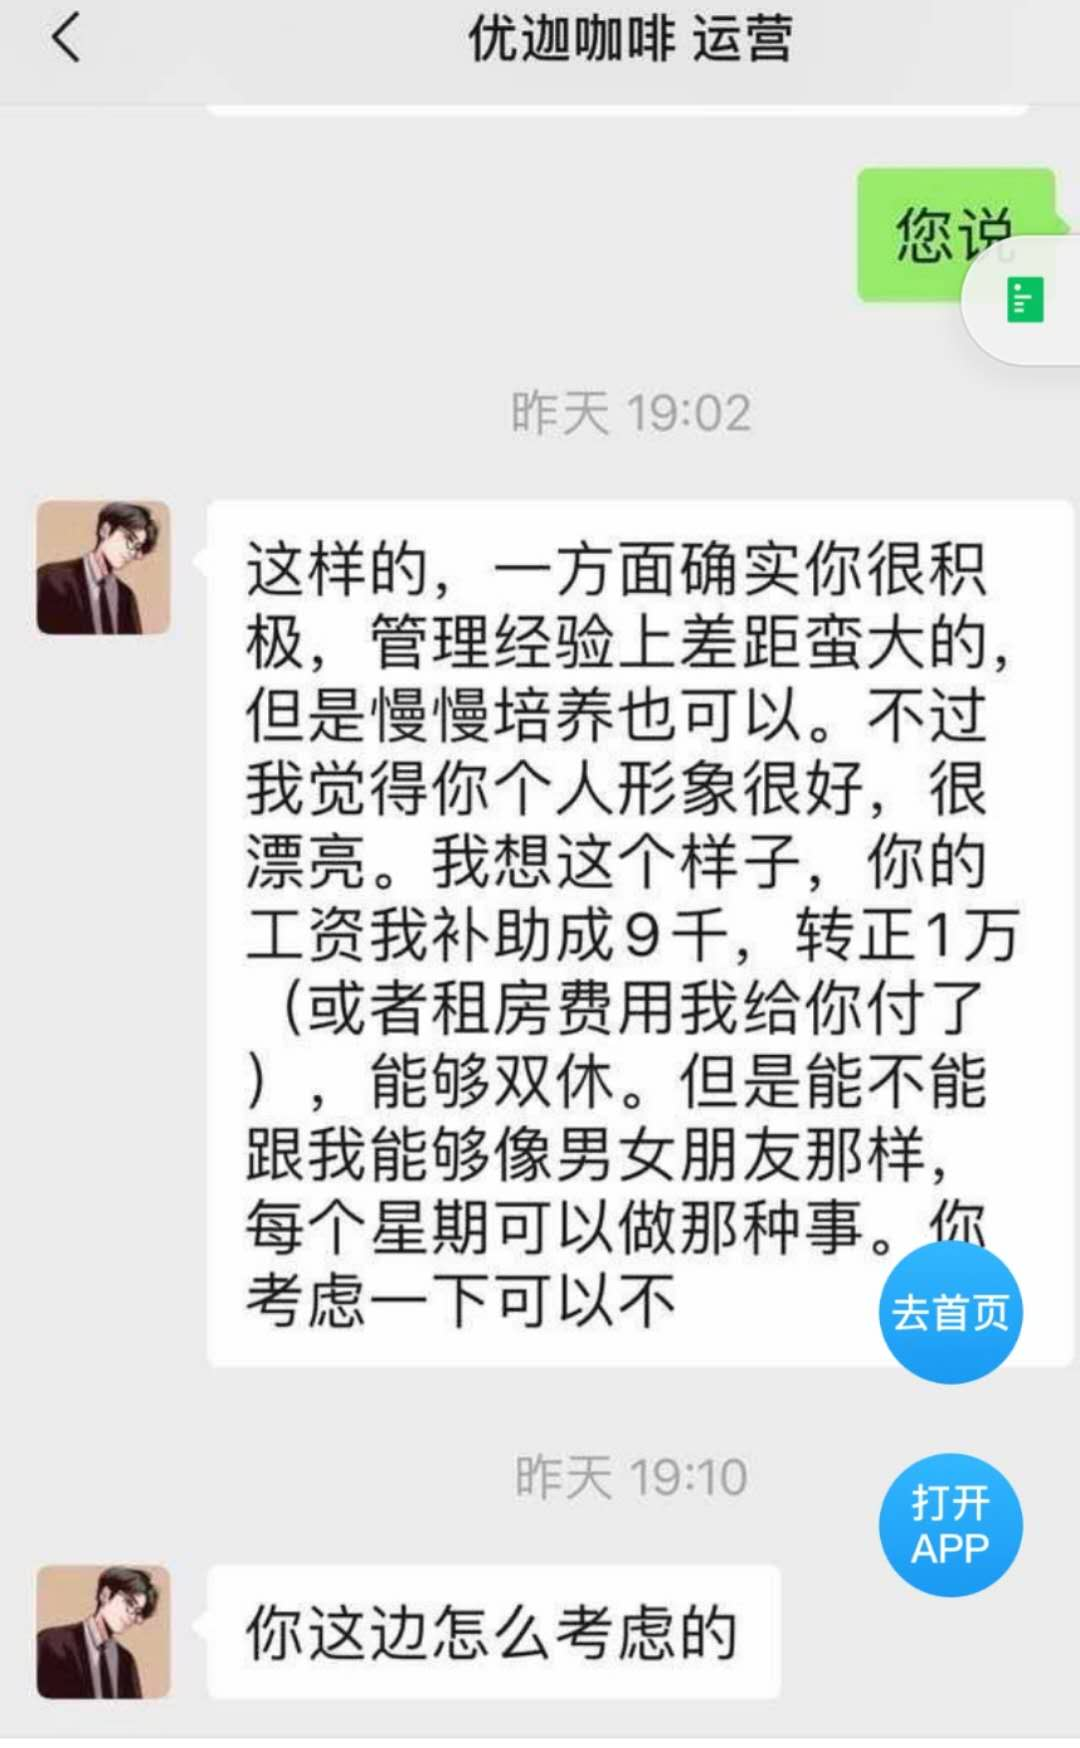 有网友投稿称求职时遭性骚扰。图片来源:微博@巴适成都